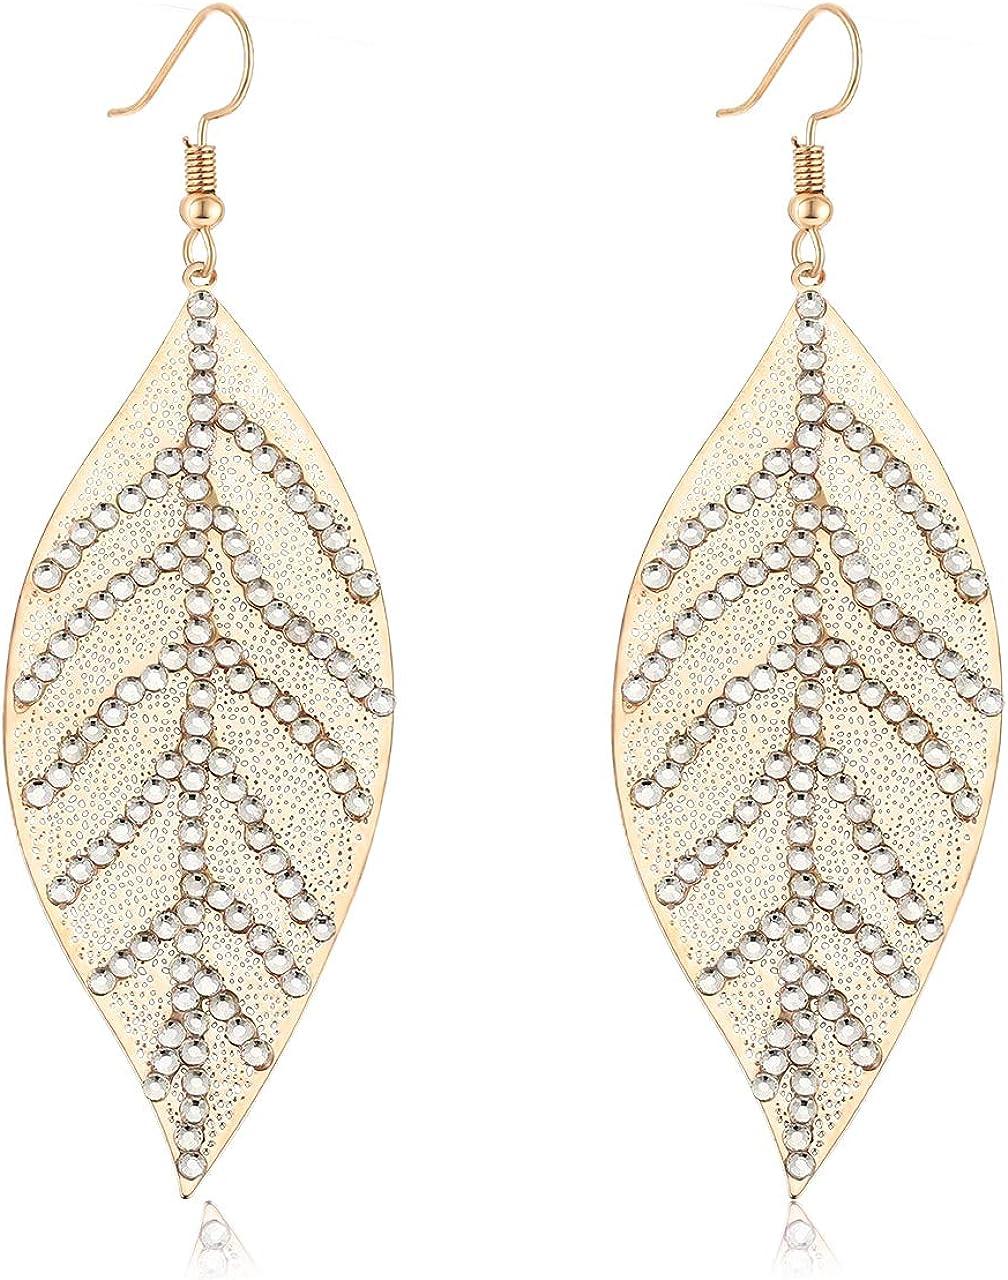 Copper Drop Earrings Dangle Ear studs Charm Pendant Creative Girls Jewelry